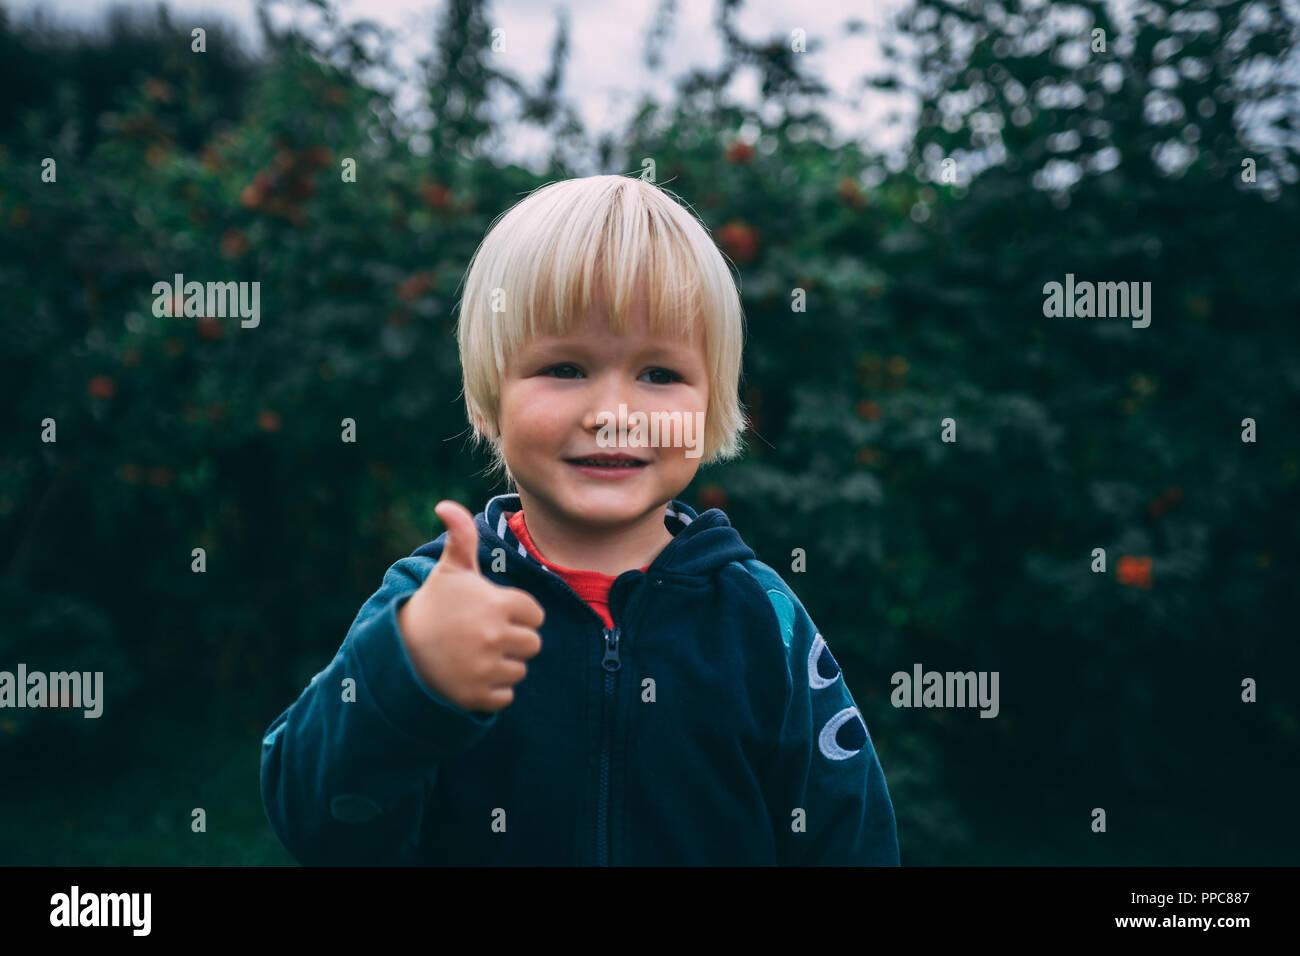 Lächelnde Junge Blonde Haare Braune Augen Daumen Hoch Stockfoto